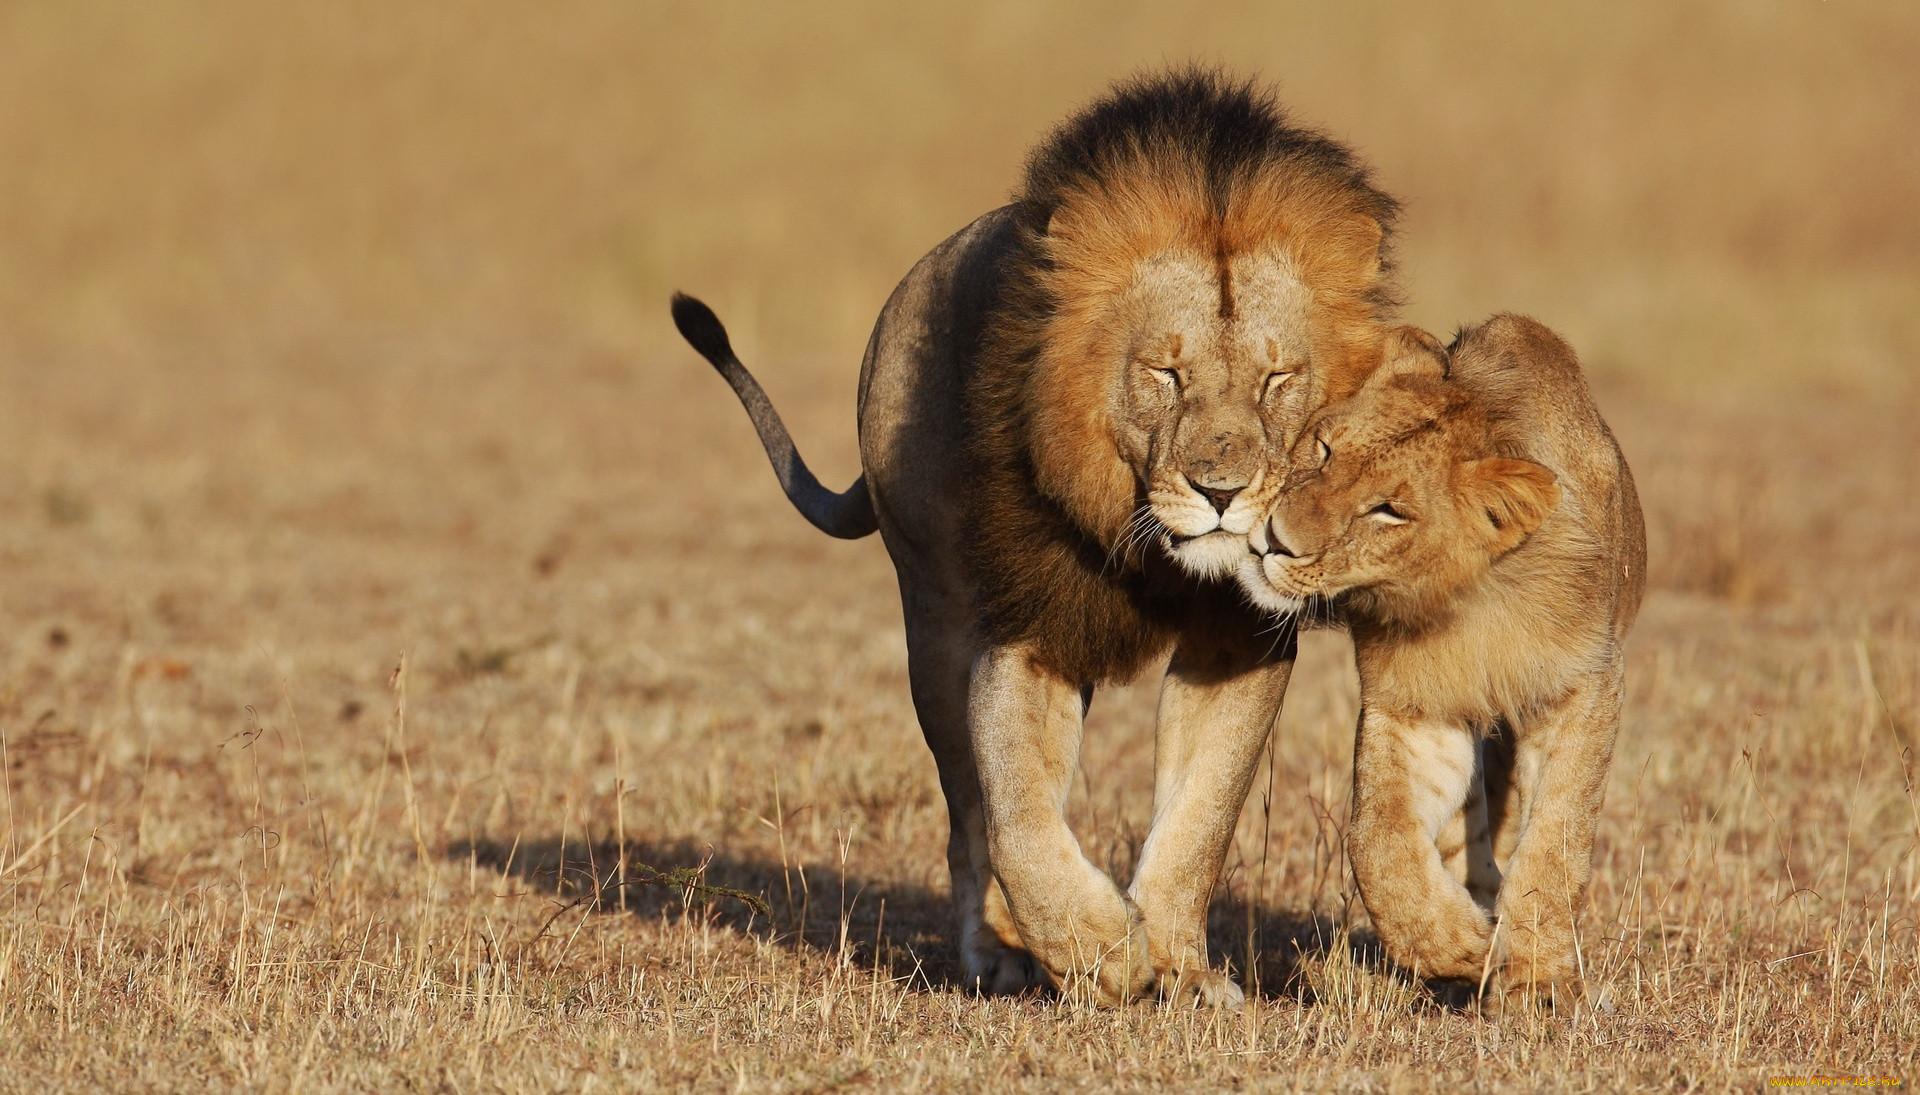 картинки львиные пары большинстве